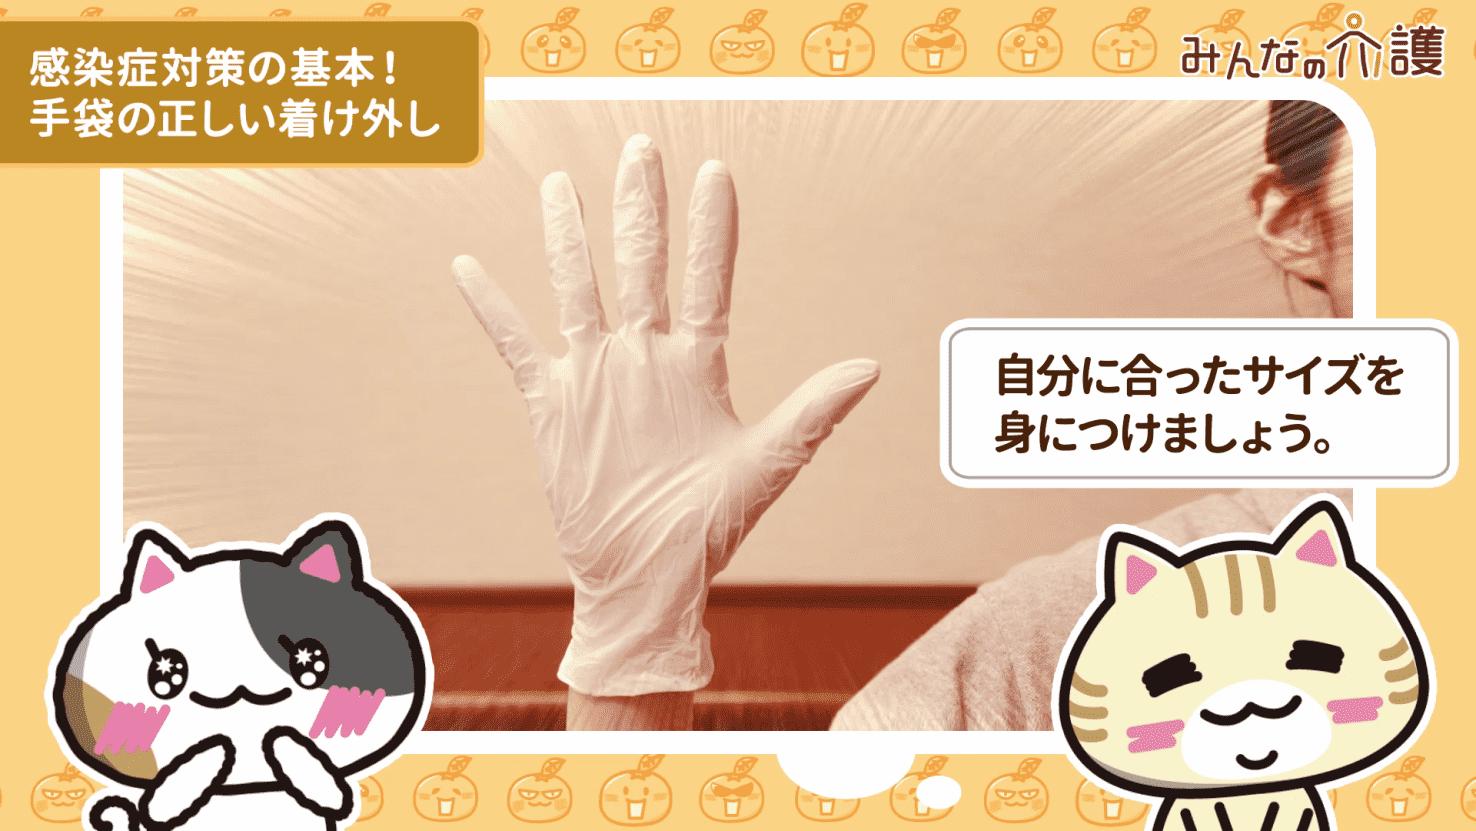 使い捨て手袋は手のサイズに合うものを選ぶのが良い